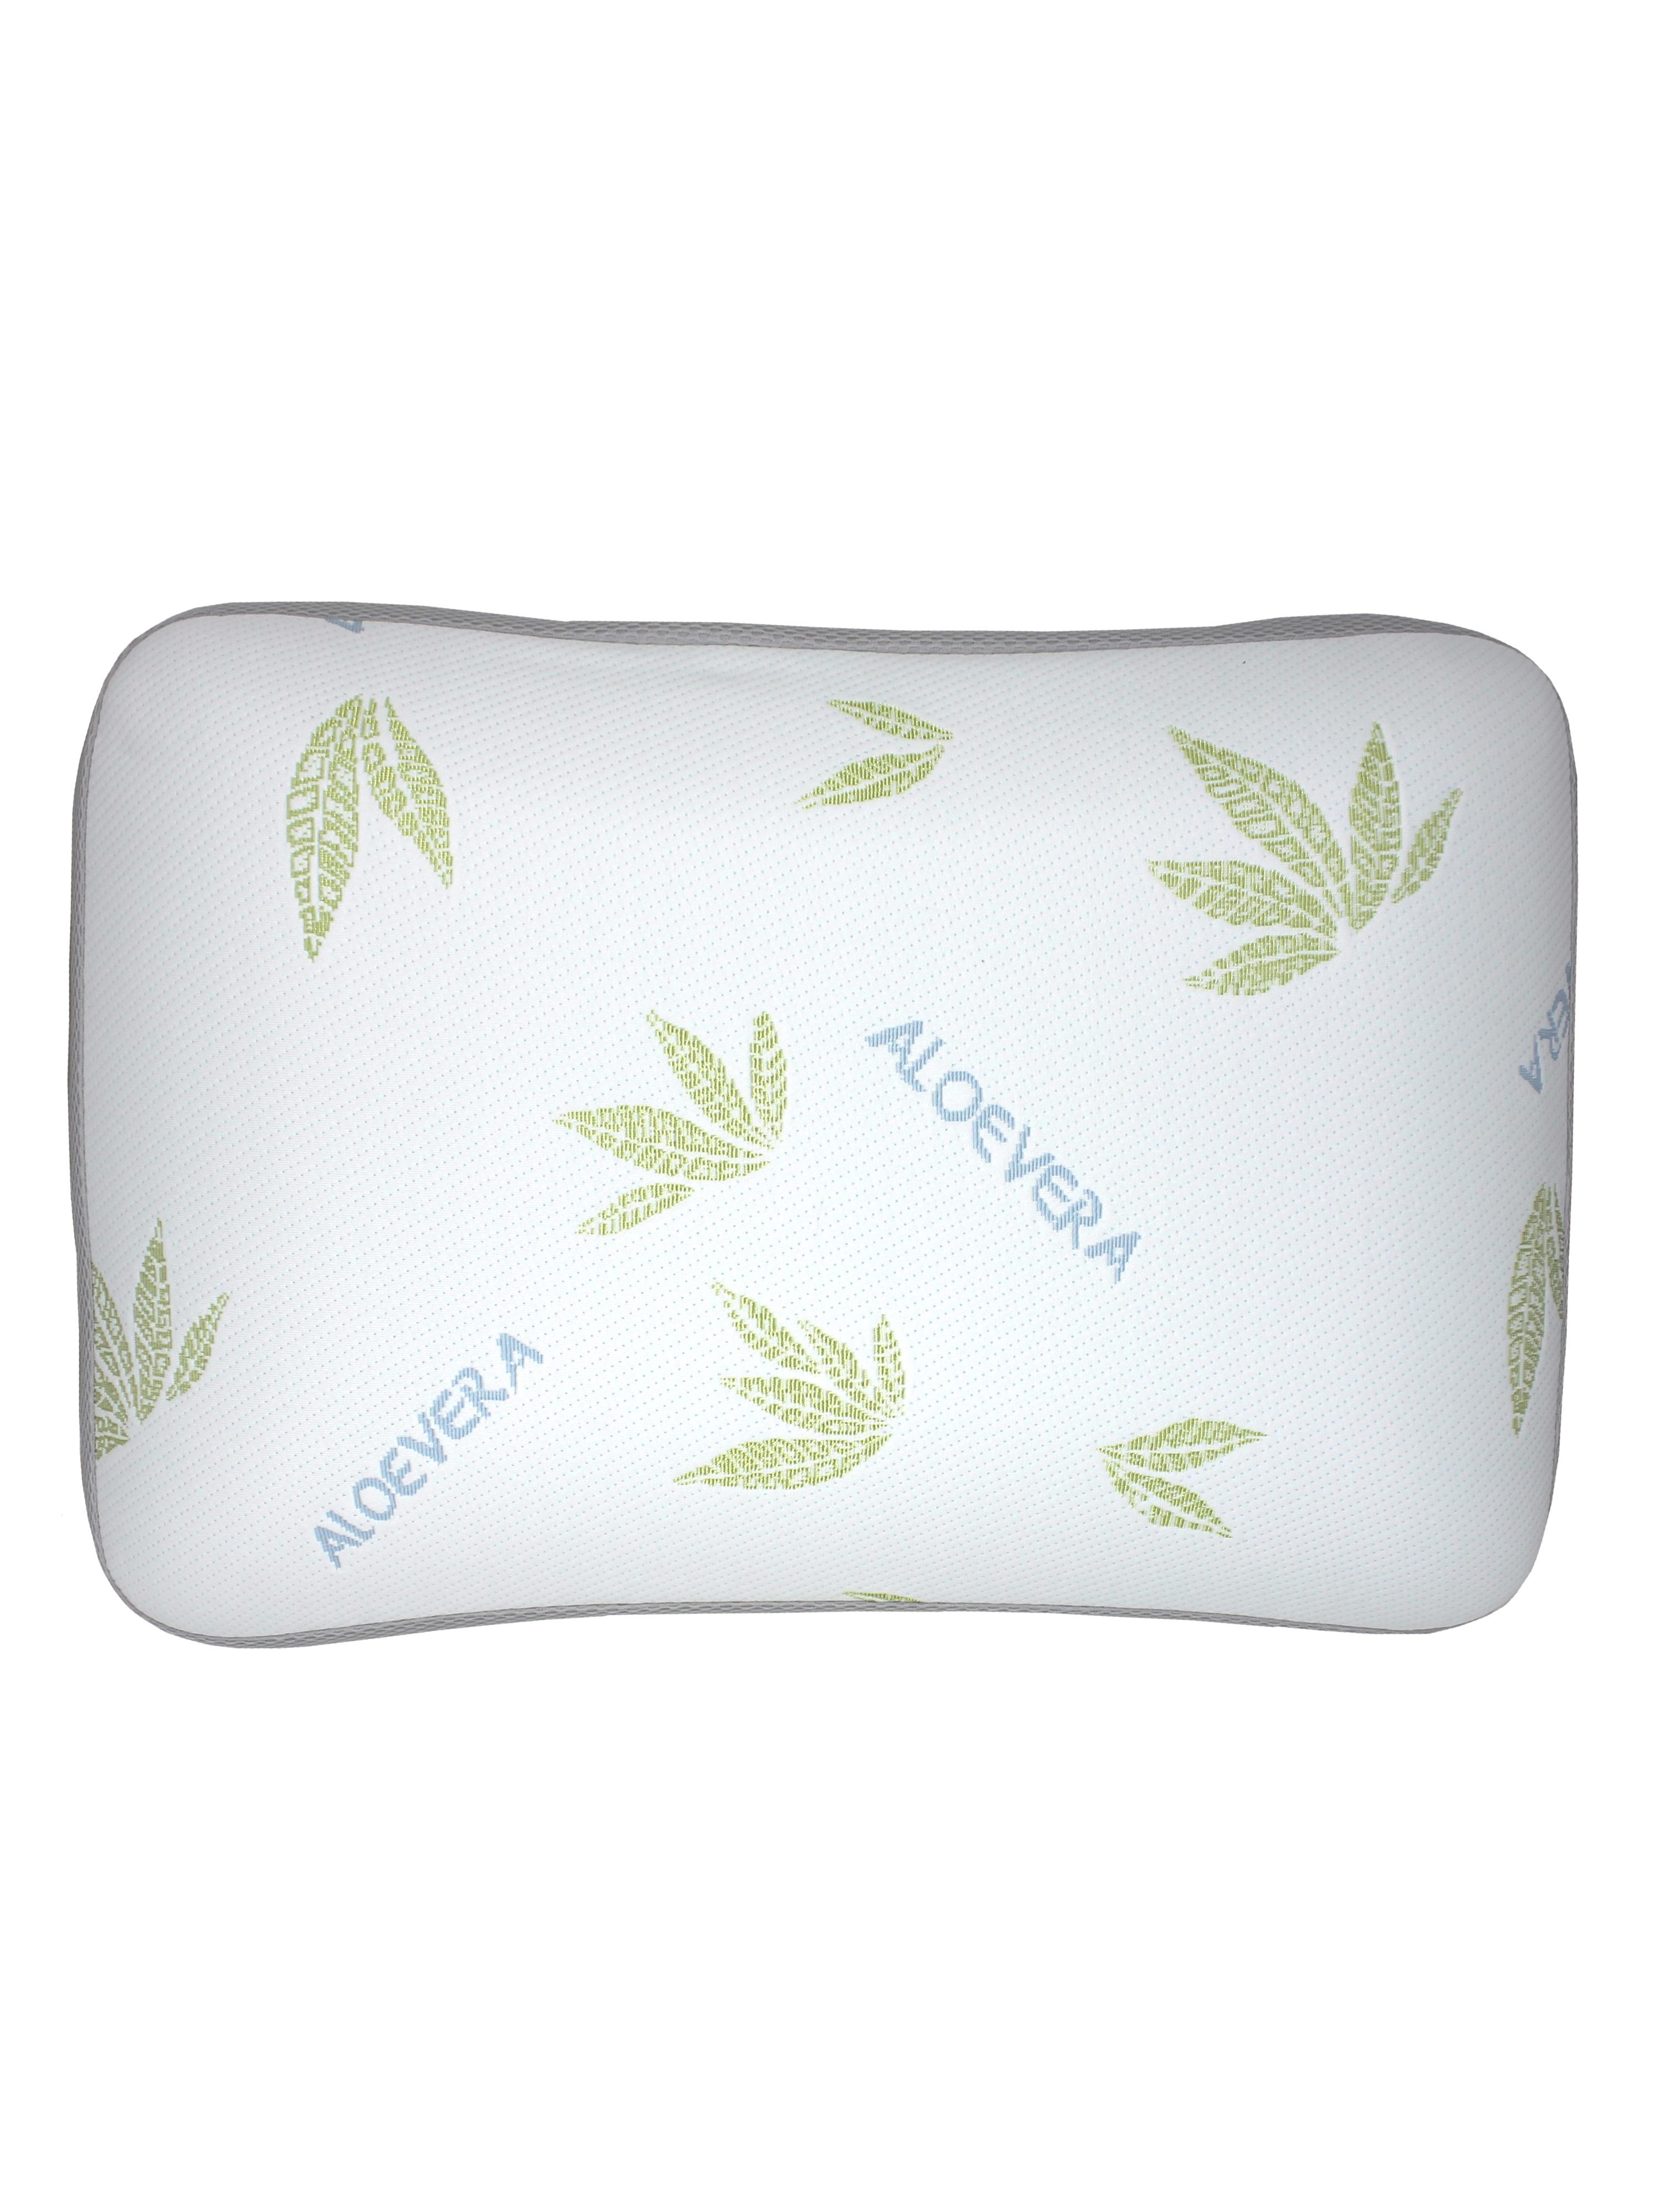 Подушка классическая с эффектом памяти Алоэ с сеткой 70х50см